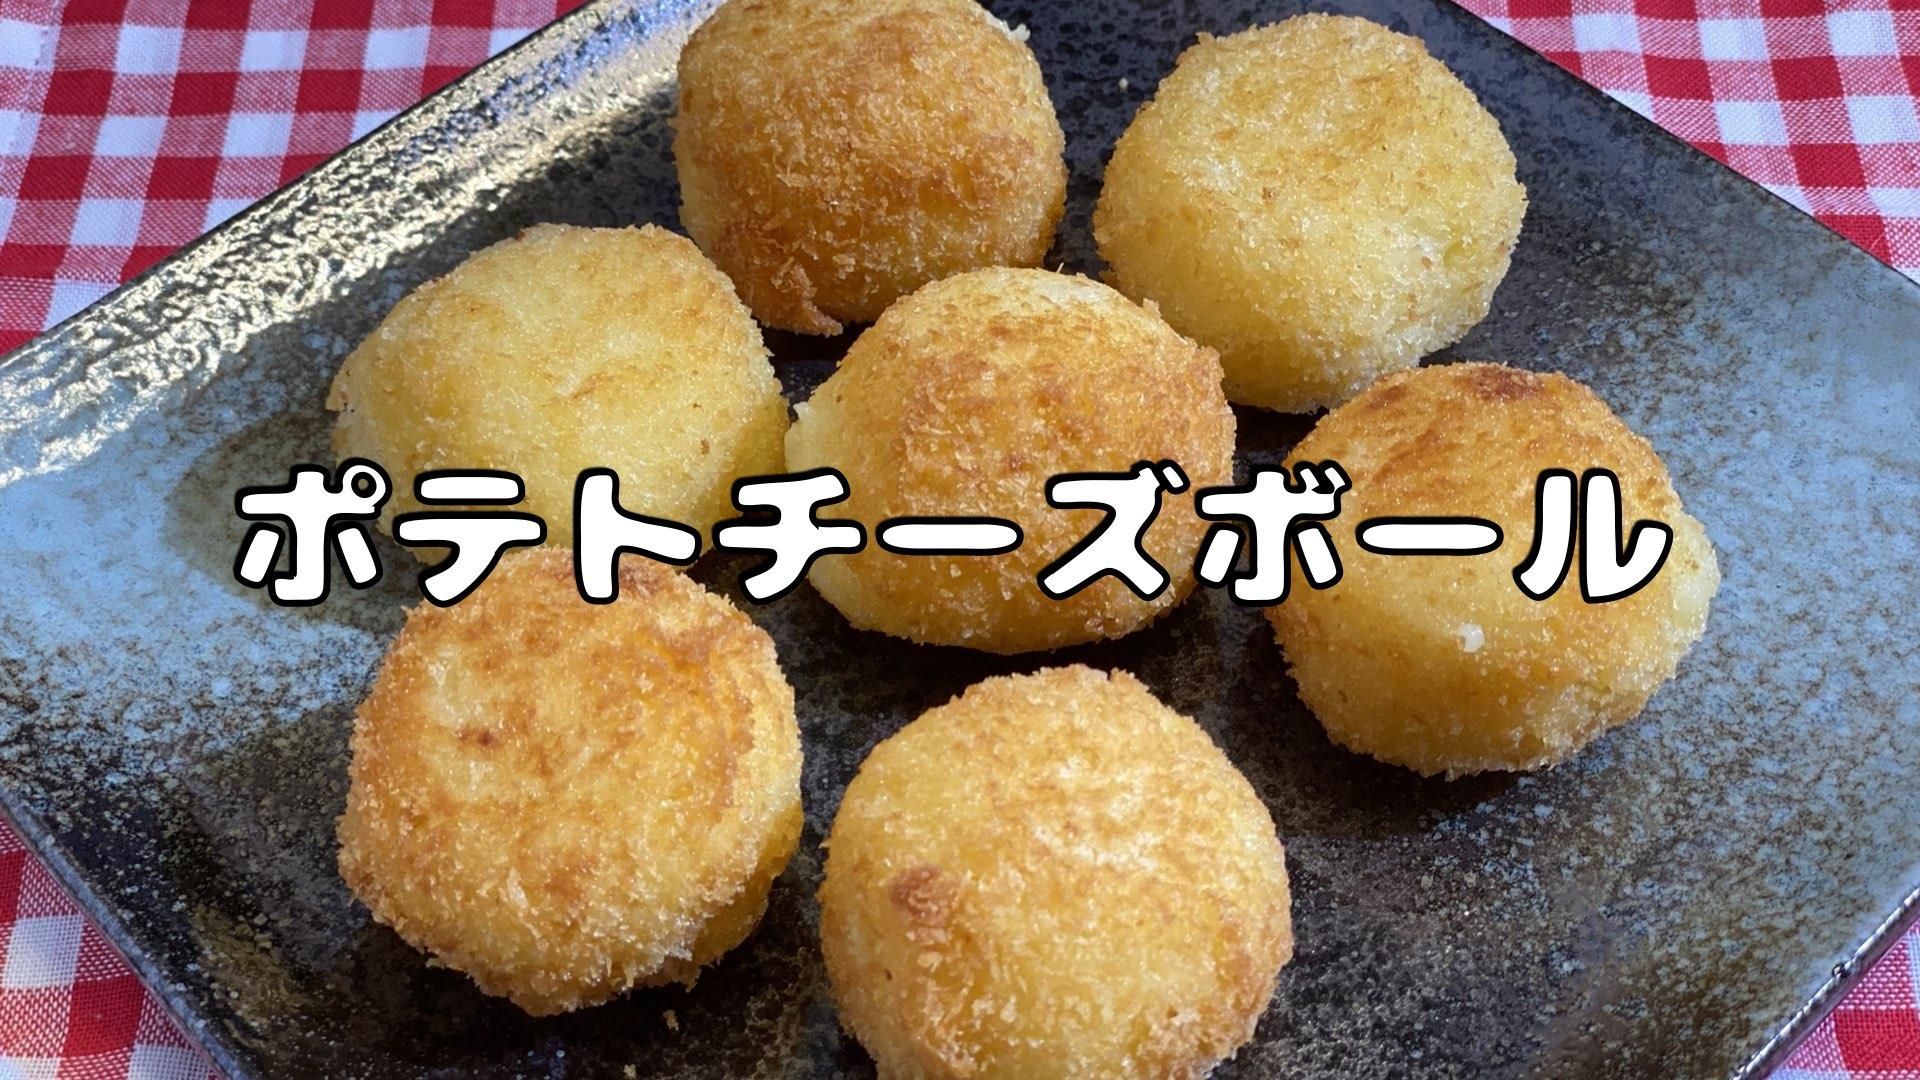 ポテトチーズボール 作り方 | Olive家の簡単レシピ | 旬の新じゃがいも レシピ | 子どもが喜ぶおやつに! 大人はおつまみとして楽しめるカリカリ・とろ〜りチーズのポテトチーズボール🧀 🥔 ✨